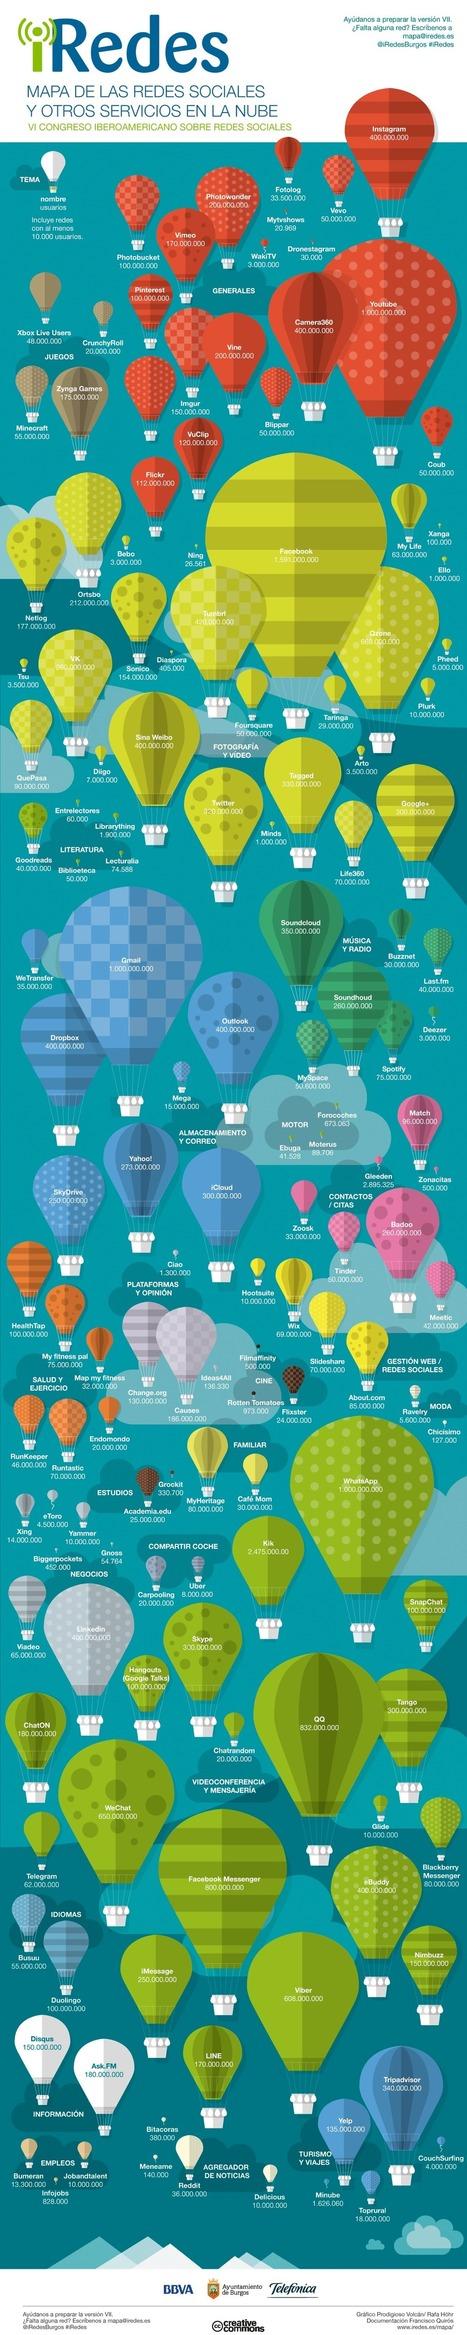 Mapa completo de las Redes Sociales (y otros servicios en la Nube) #infografia #socialmedia | GuadaTIC | Scoop.it